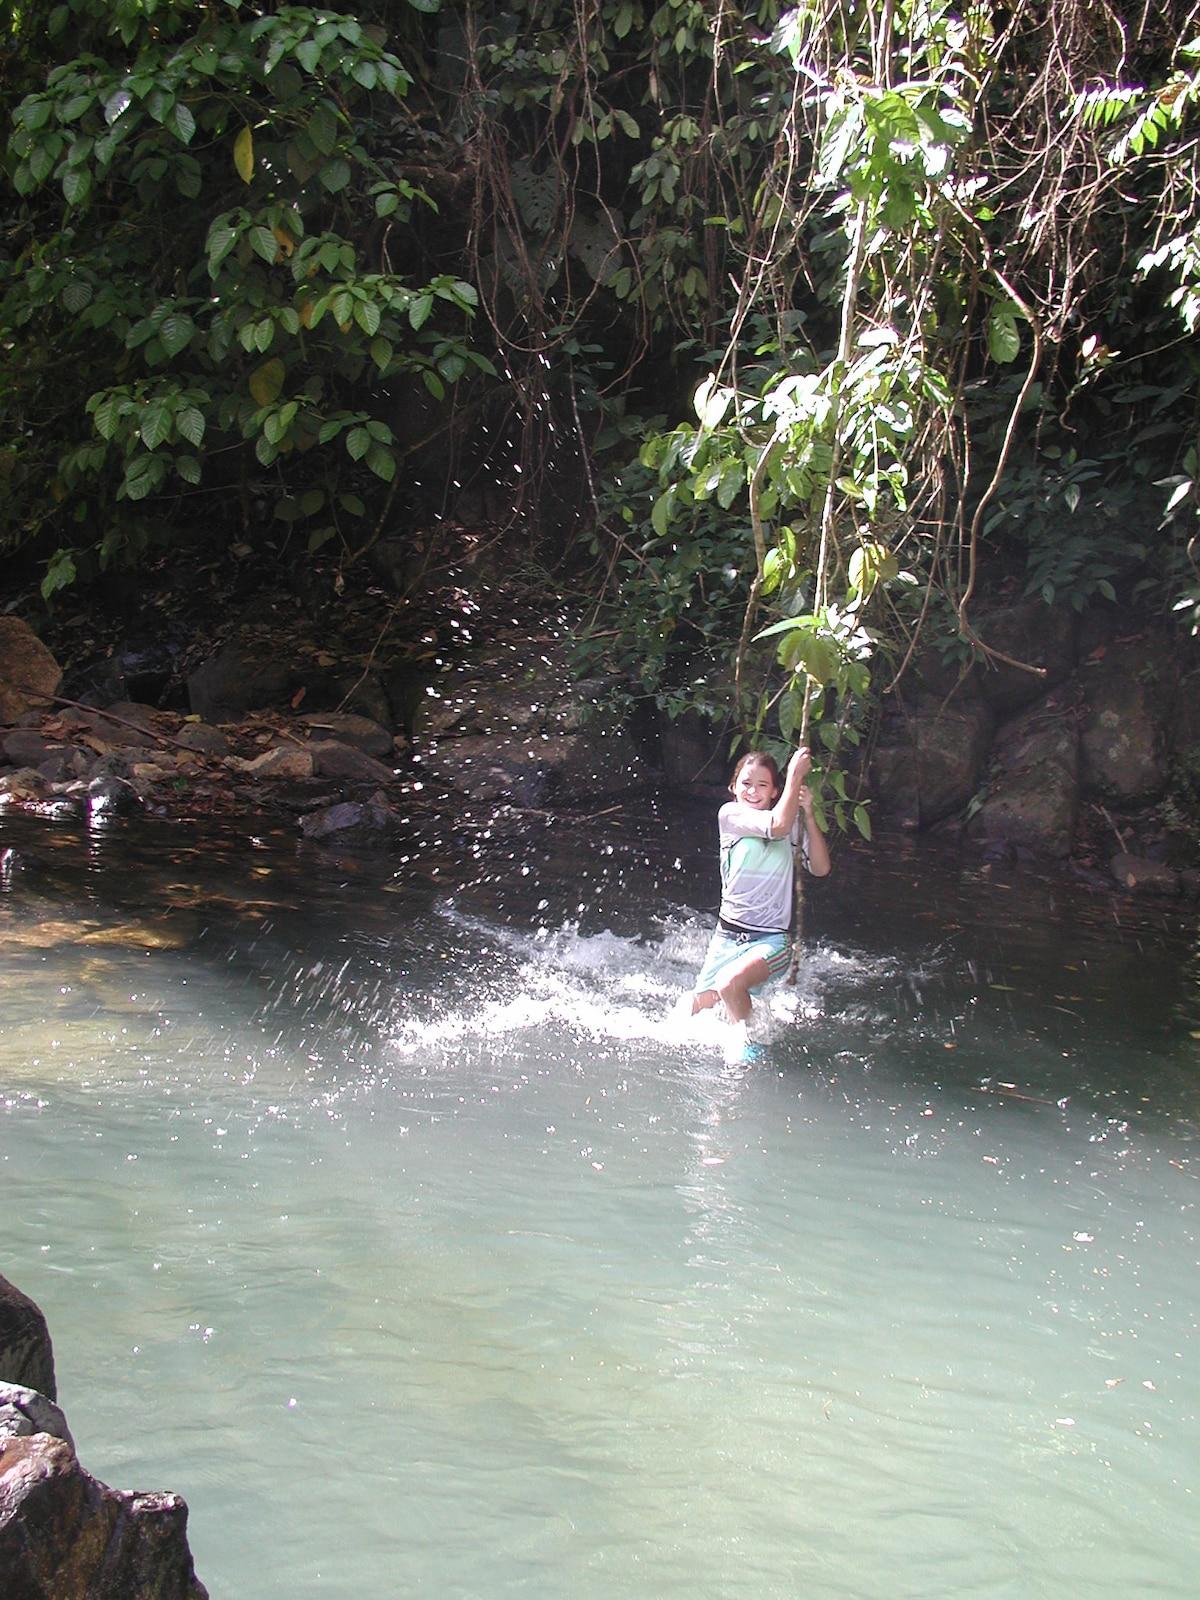 Para disfrutar con una liana estilo Tarzan - To enjoy with a vien Tarzan style